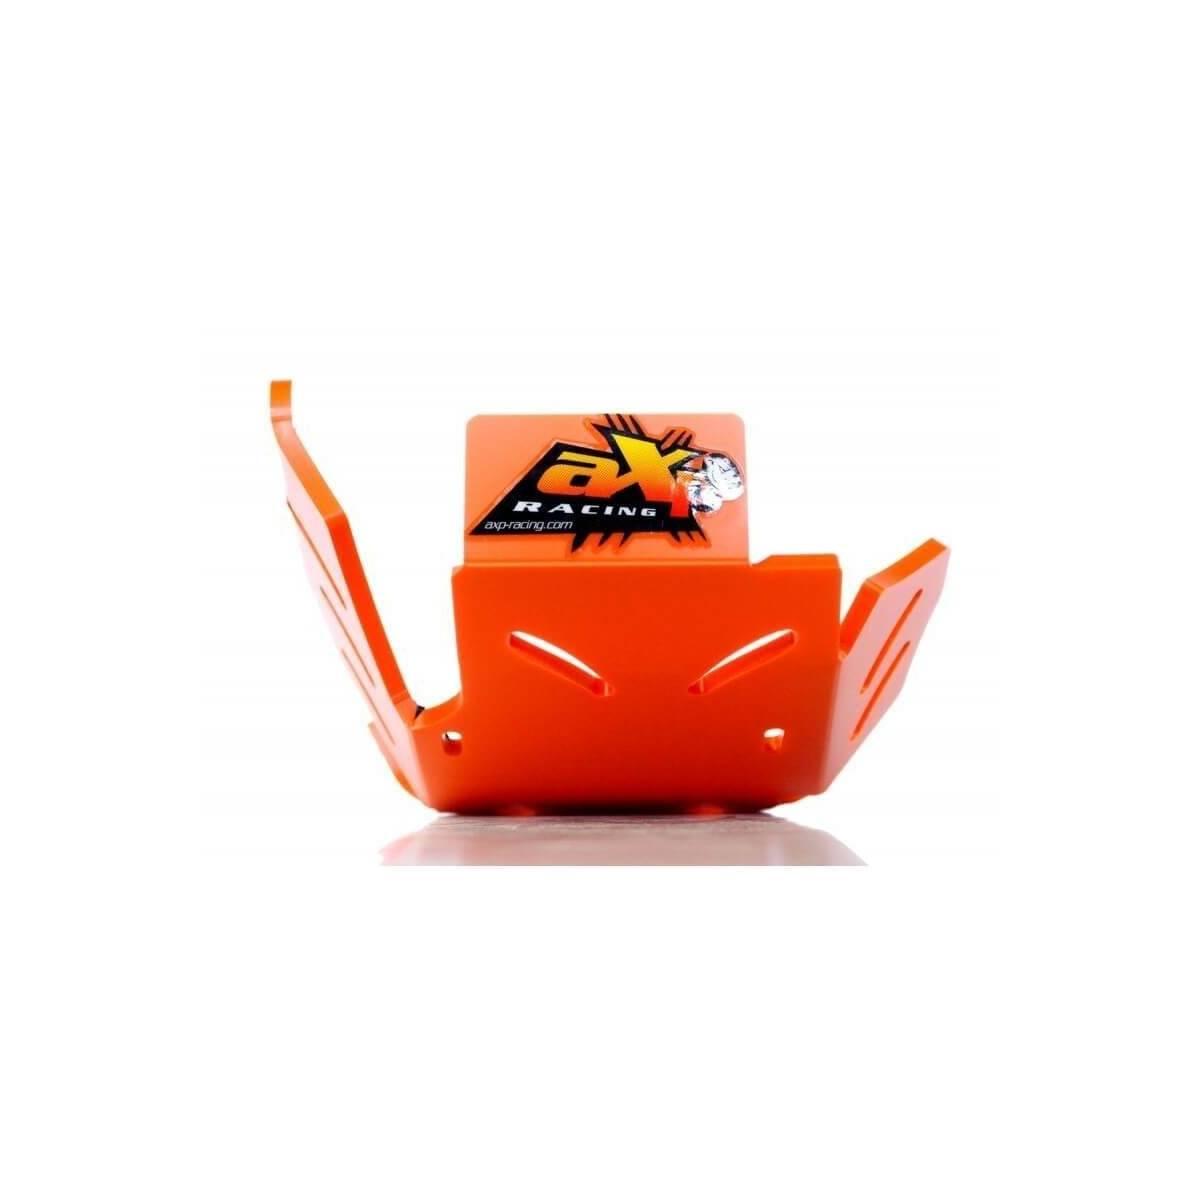 AX1436 - Cubrecarter Xtrem Axp Ktm Naranja